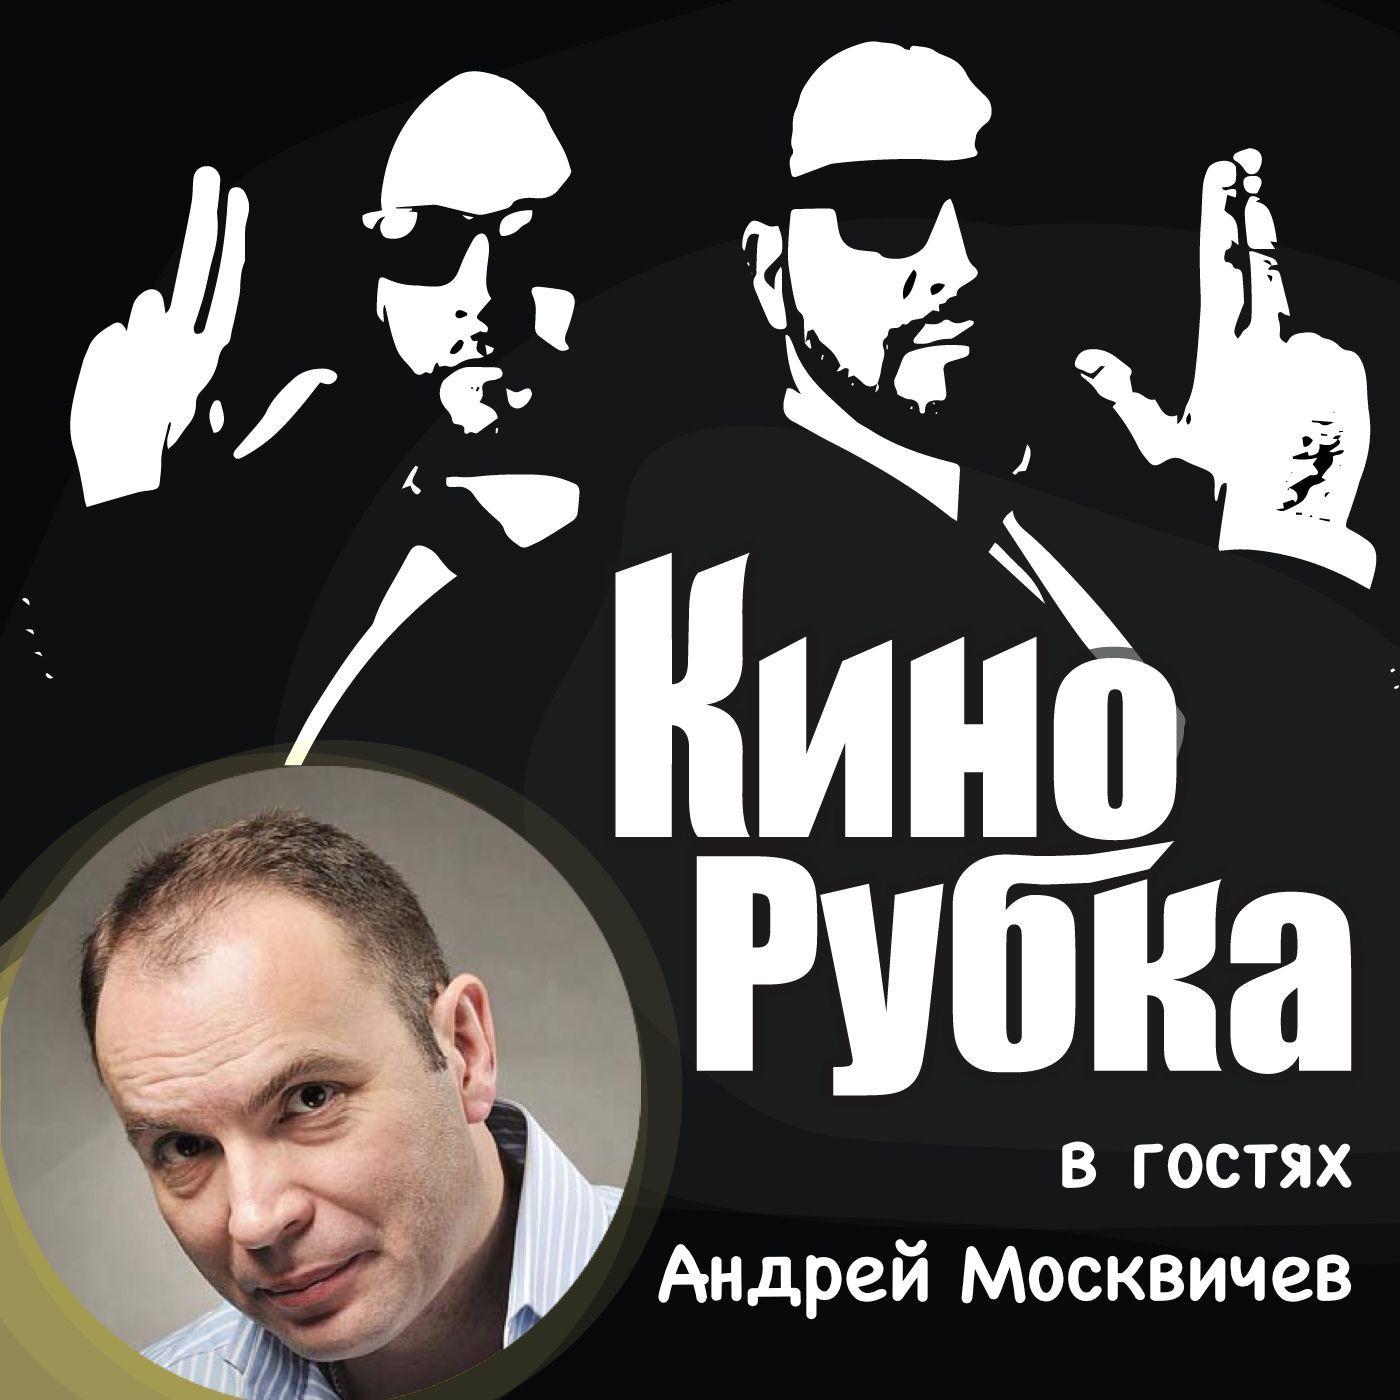 Павел Дикан Актер театра и кино Андрей Москвичев павел дикан актер театра и кино николай цонку